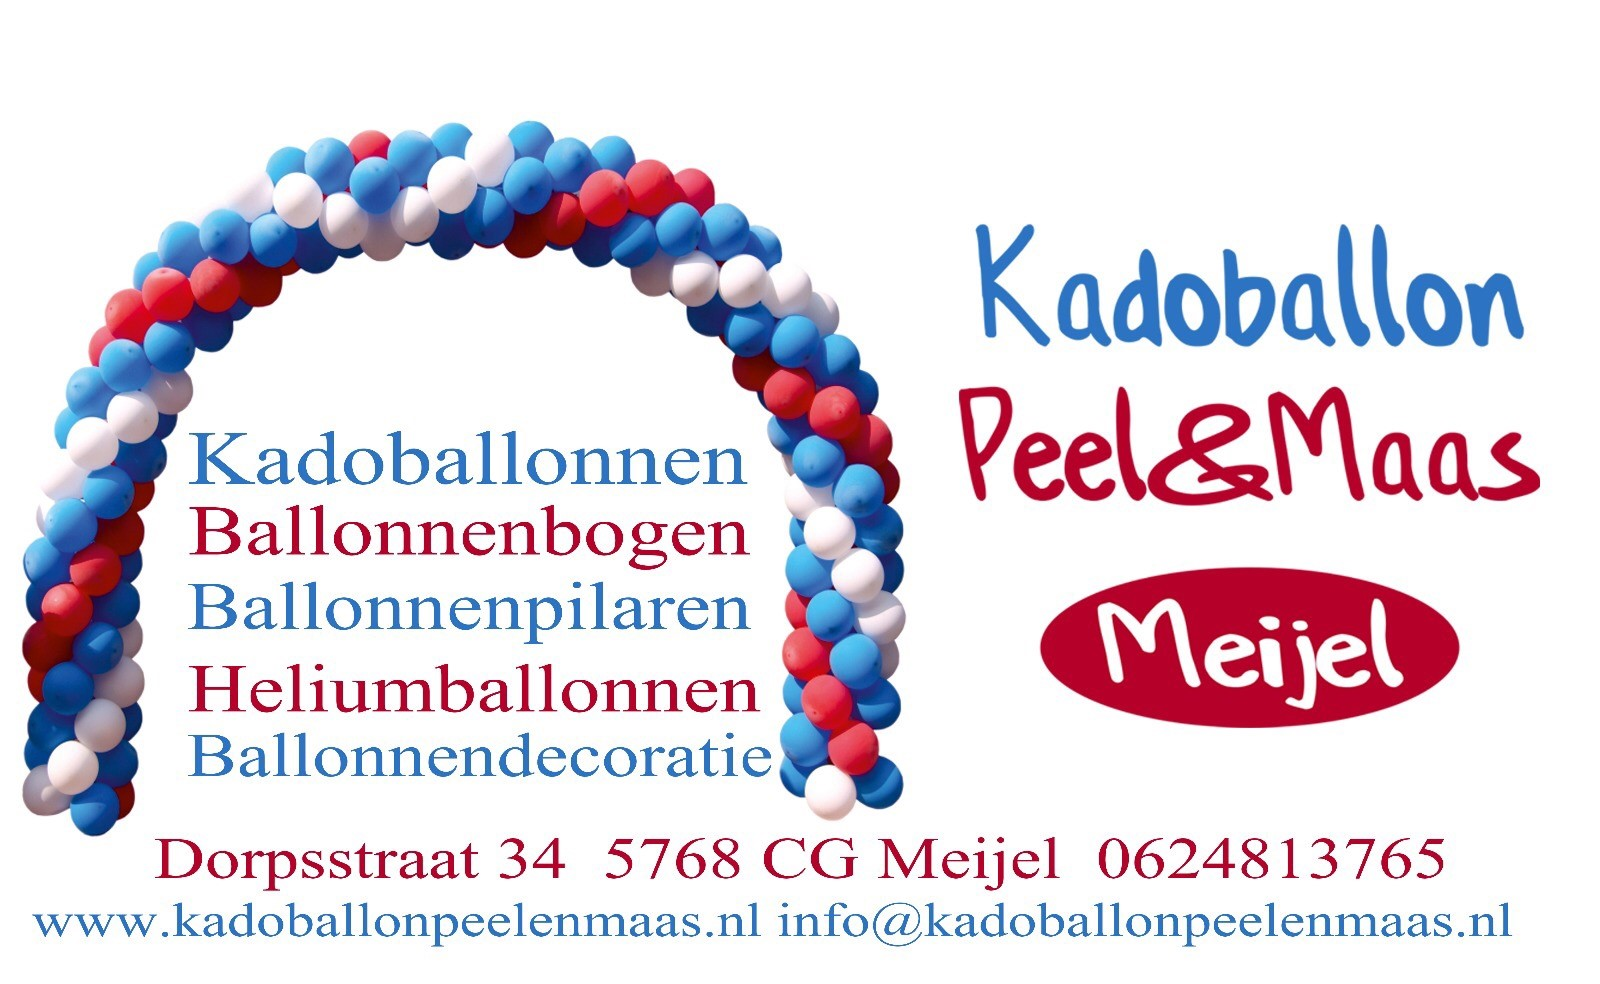 Kadoballon Peel en Maas